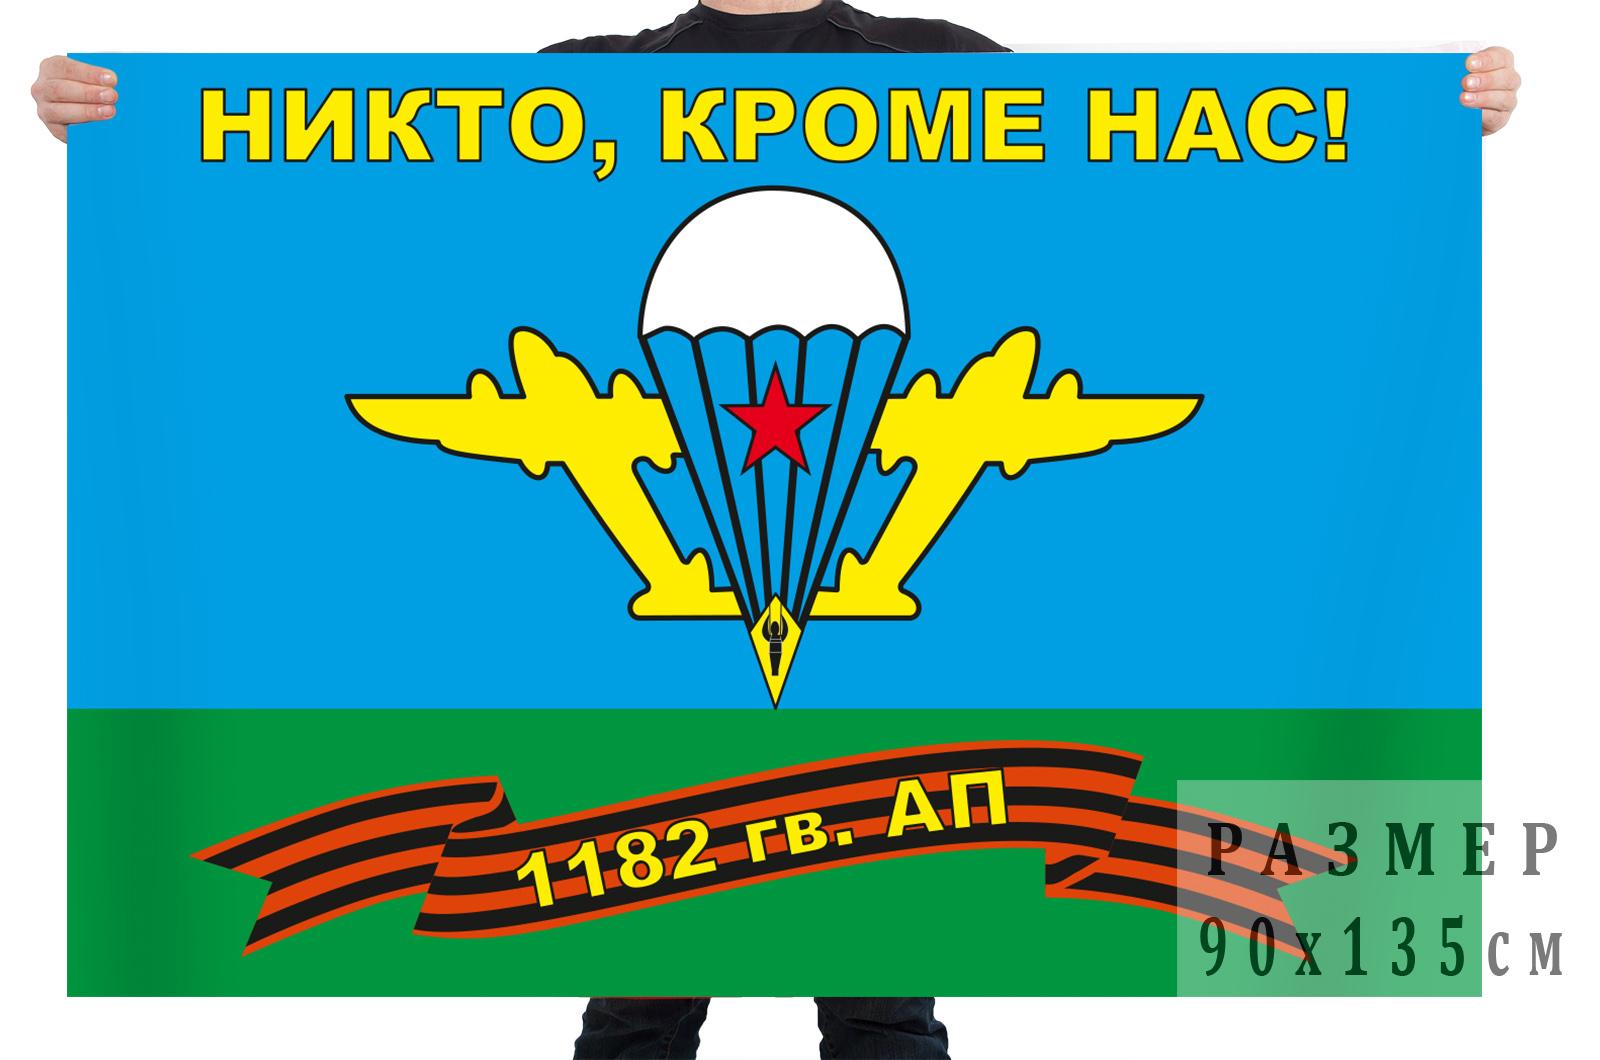 Флаг 1182 гв. артиллерийского полка ВДВ